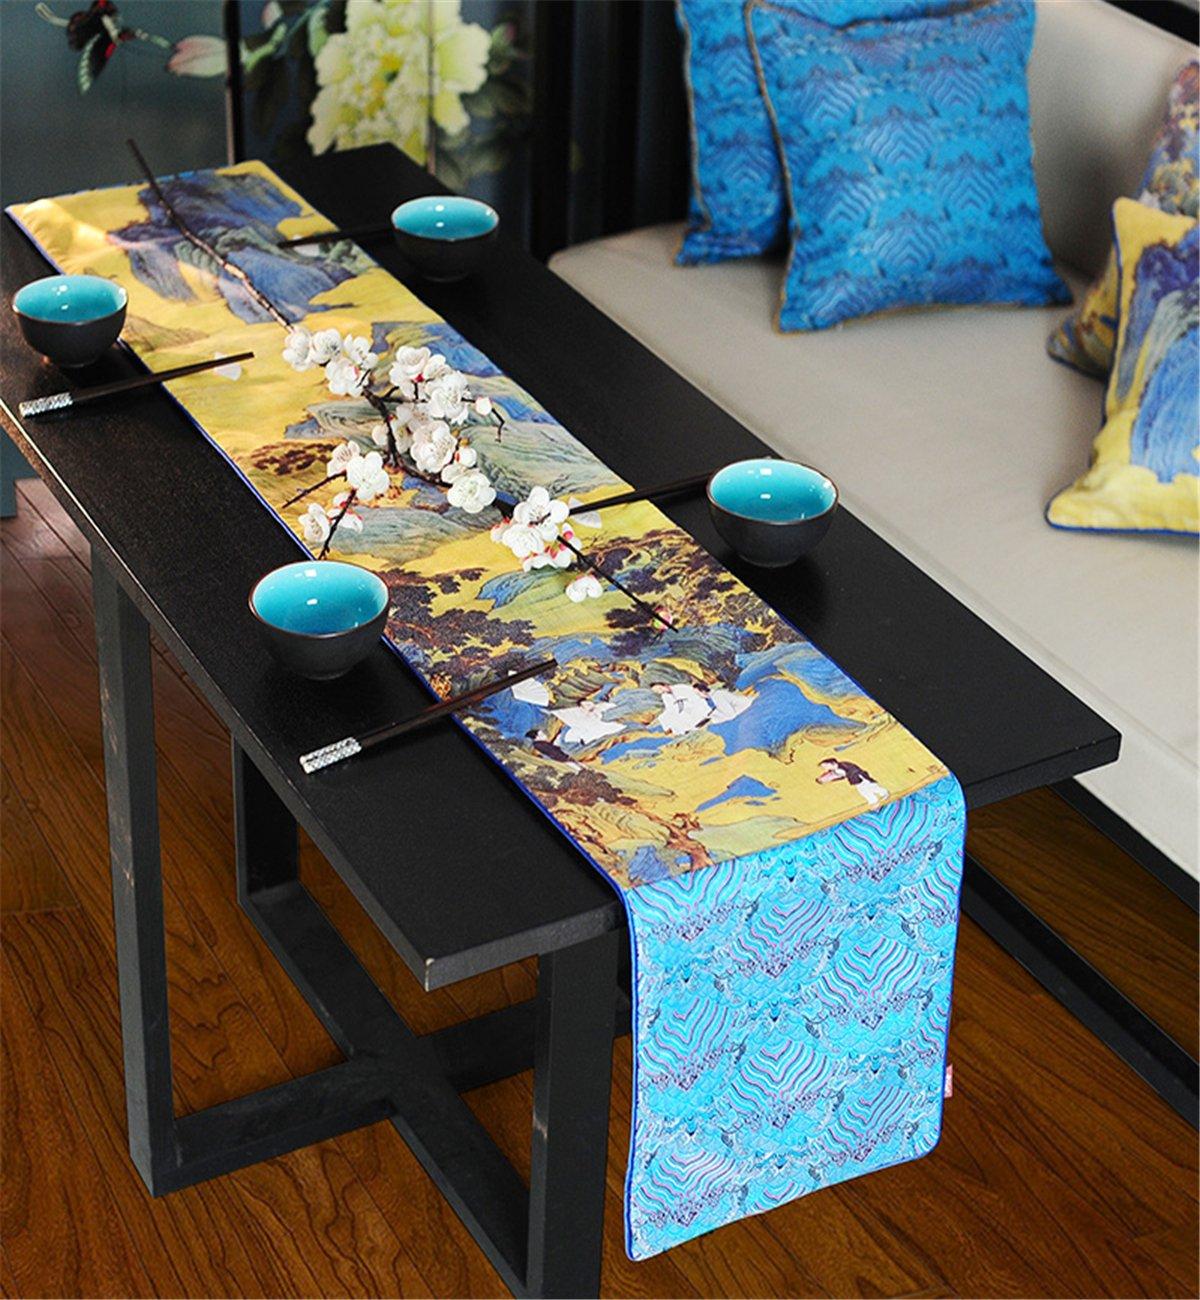 Sucastle® 33x207cm+4xTischset Tuch Tischläufer Hochzeit Tischband Tischband Tischband ,abwaschbar (Farbe wählbar),Meterware,Tischwäsche,stoffähnliches Vlies, Party, Catering , Vereinsfeier ,Geburtstag 15001a